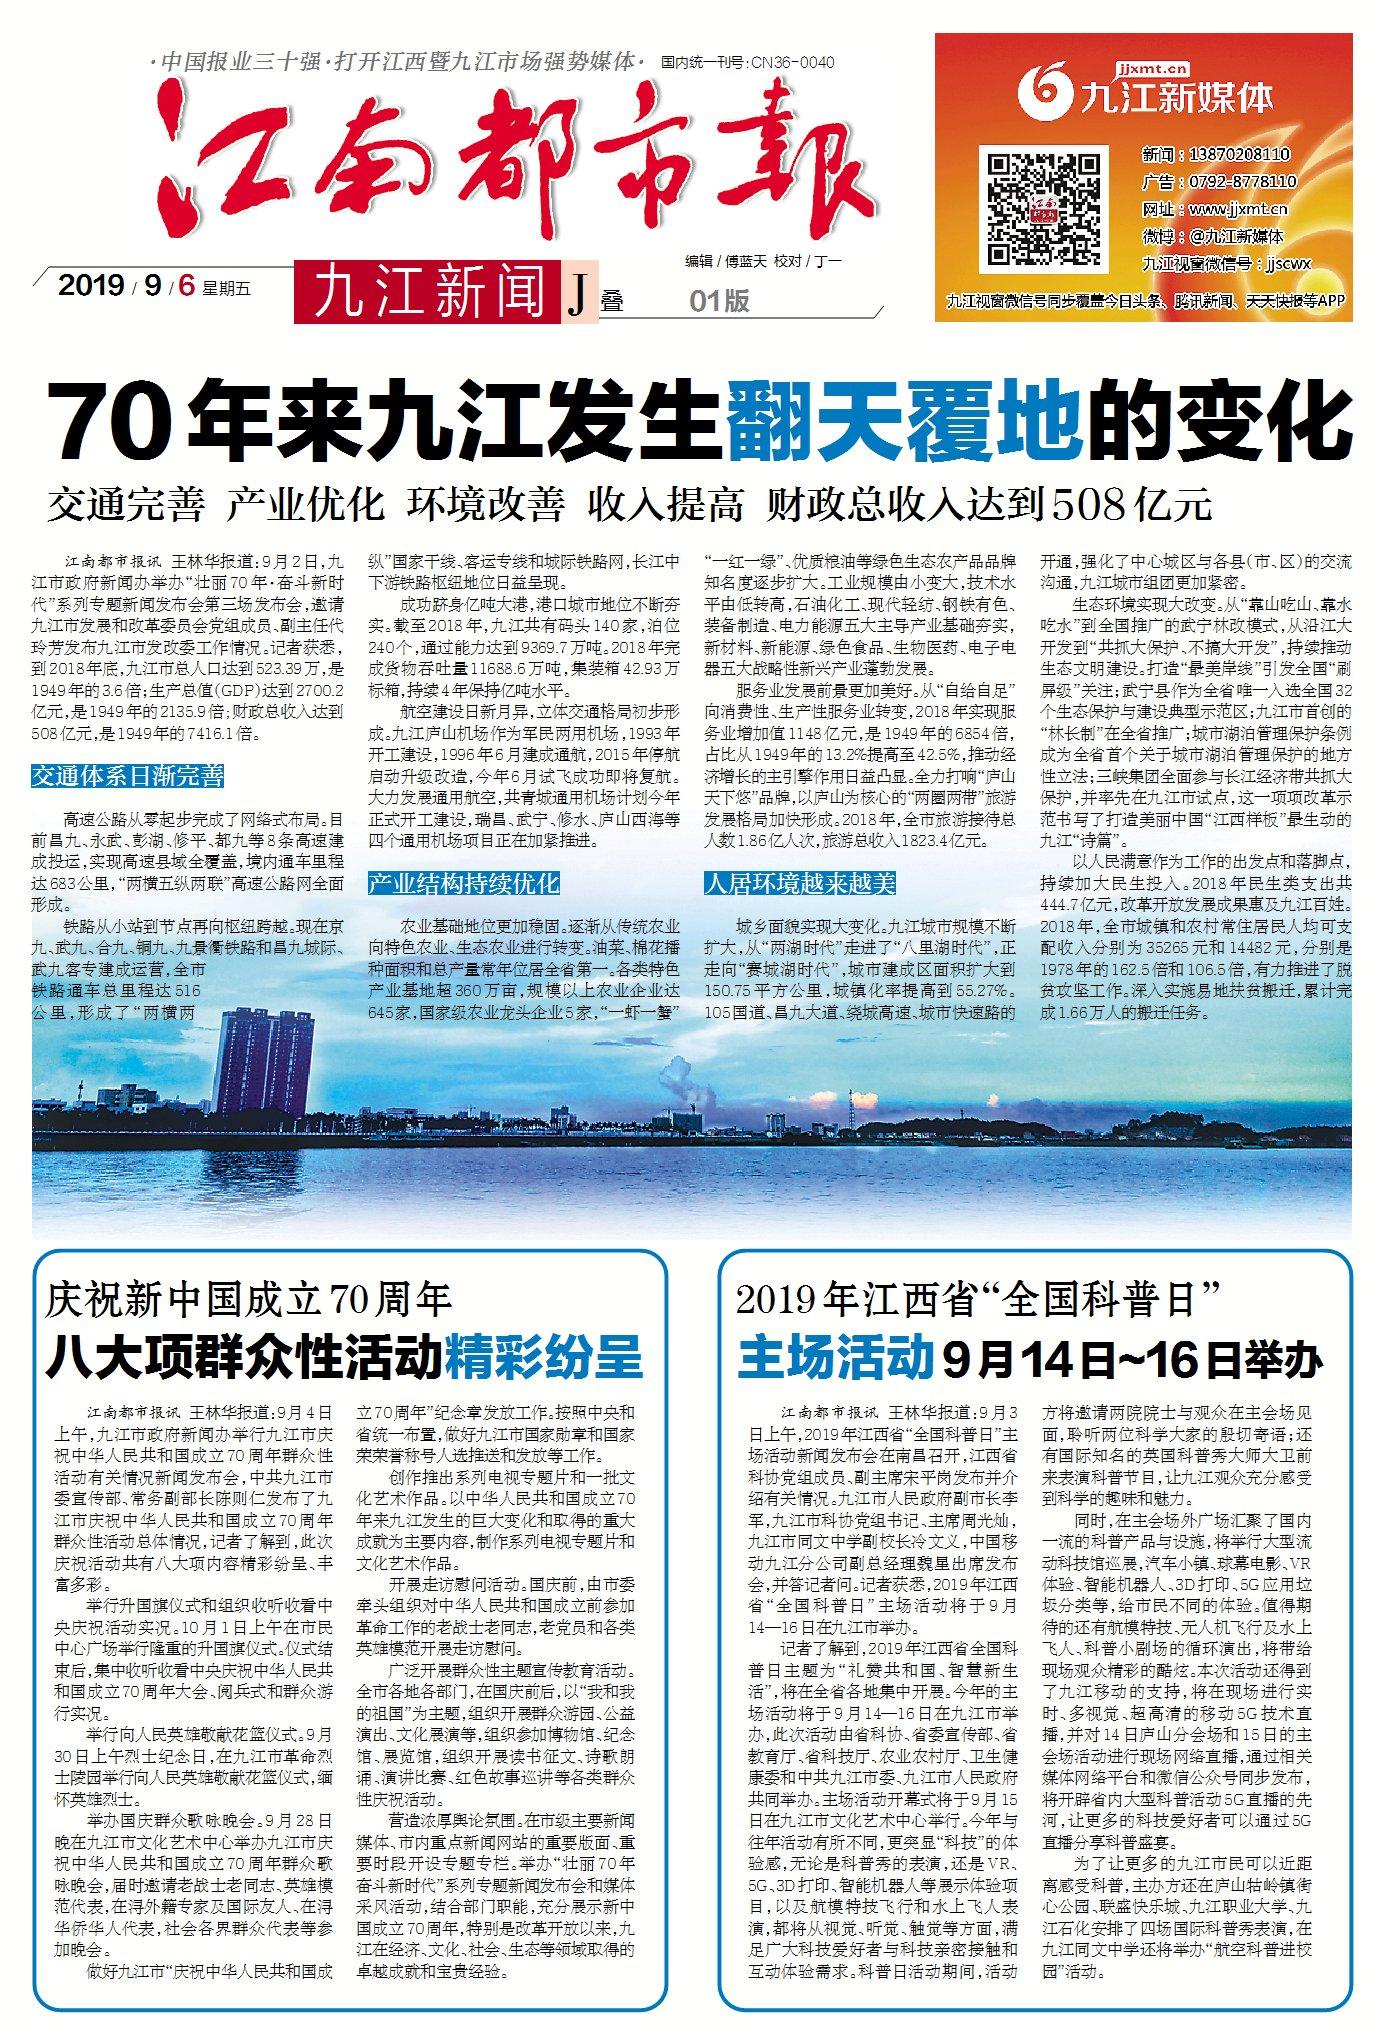 2019年9月6日江南都市报《亚博体育app苹果新闻》头版